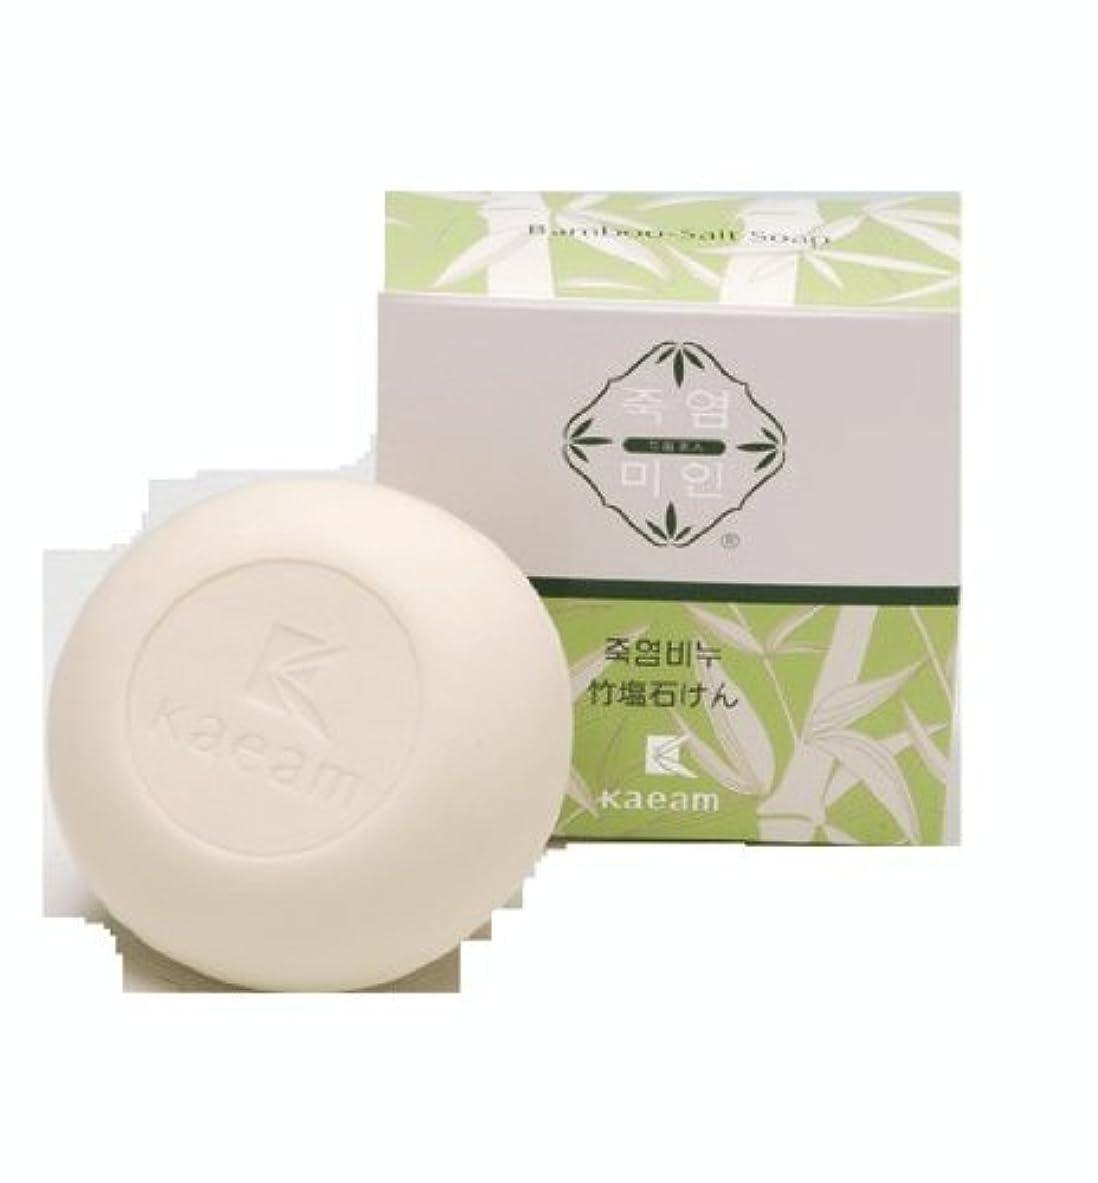 ビバ傾向があるペンフレンド洗顔せっけん 商品 竹塩石鹸 3個入り 開岩 Kaeam Bamboo Salt Soap